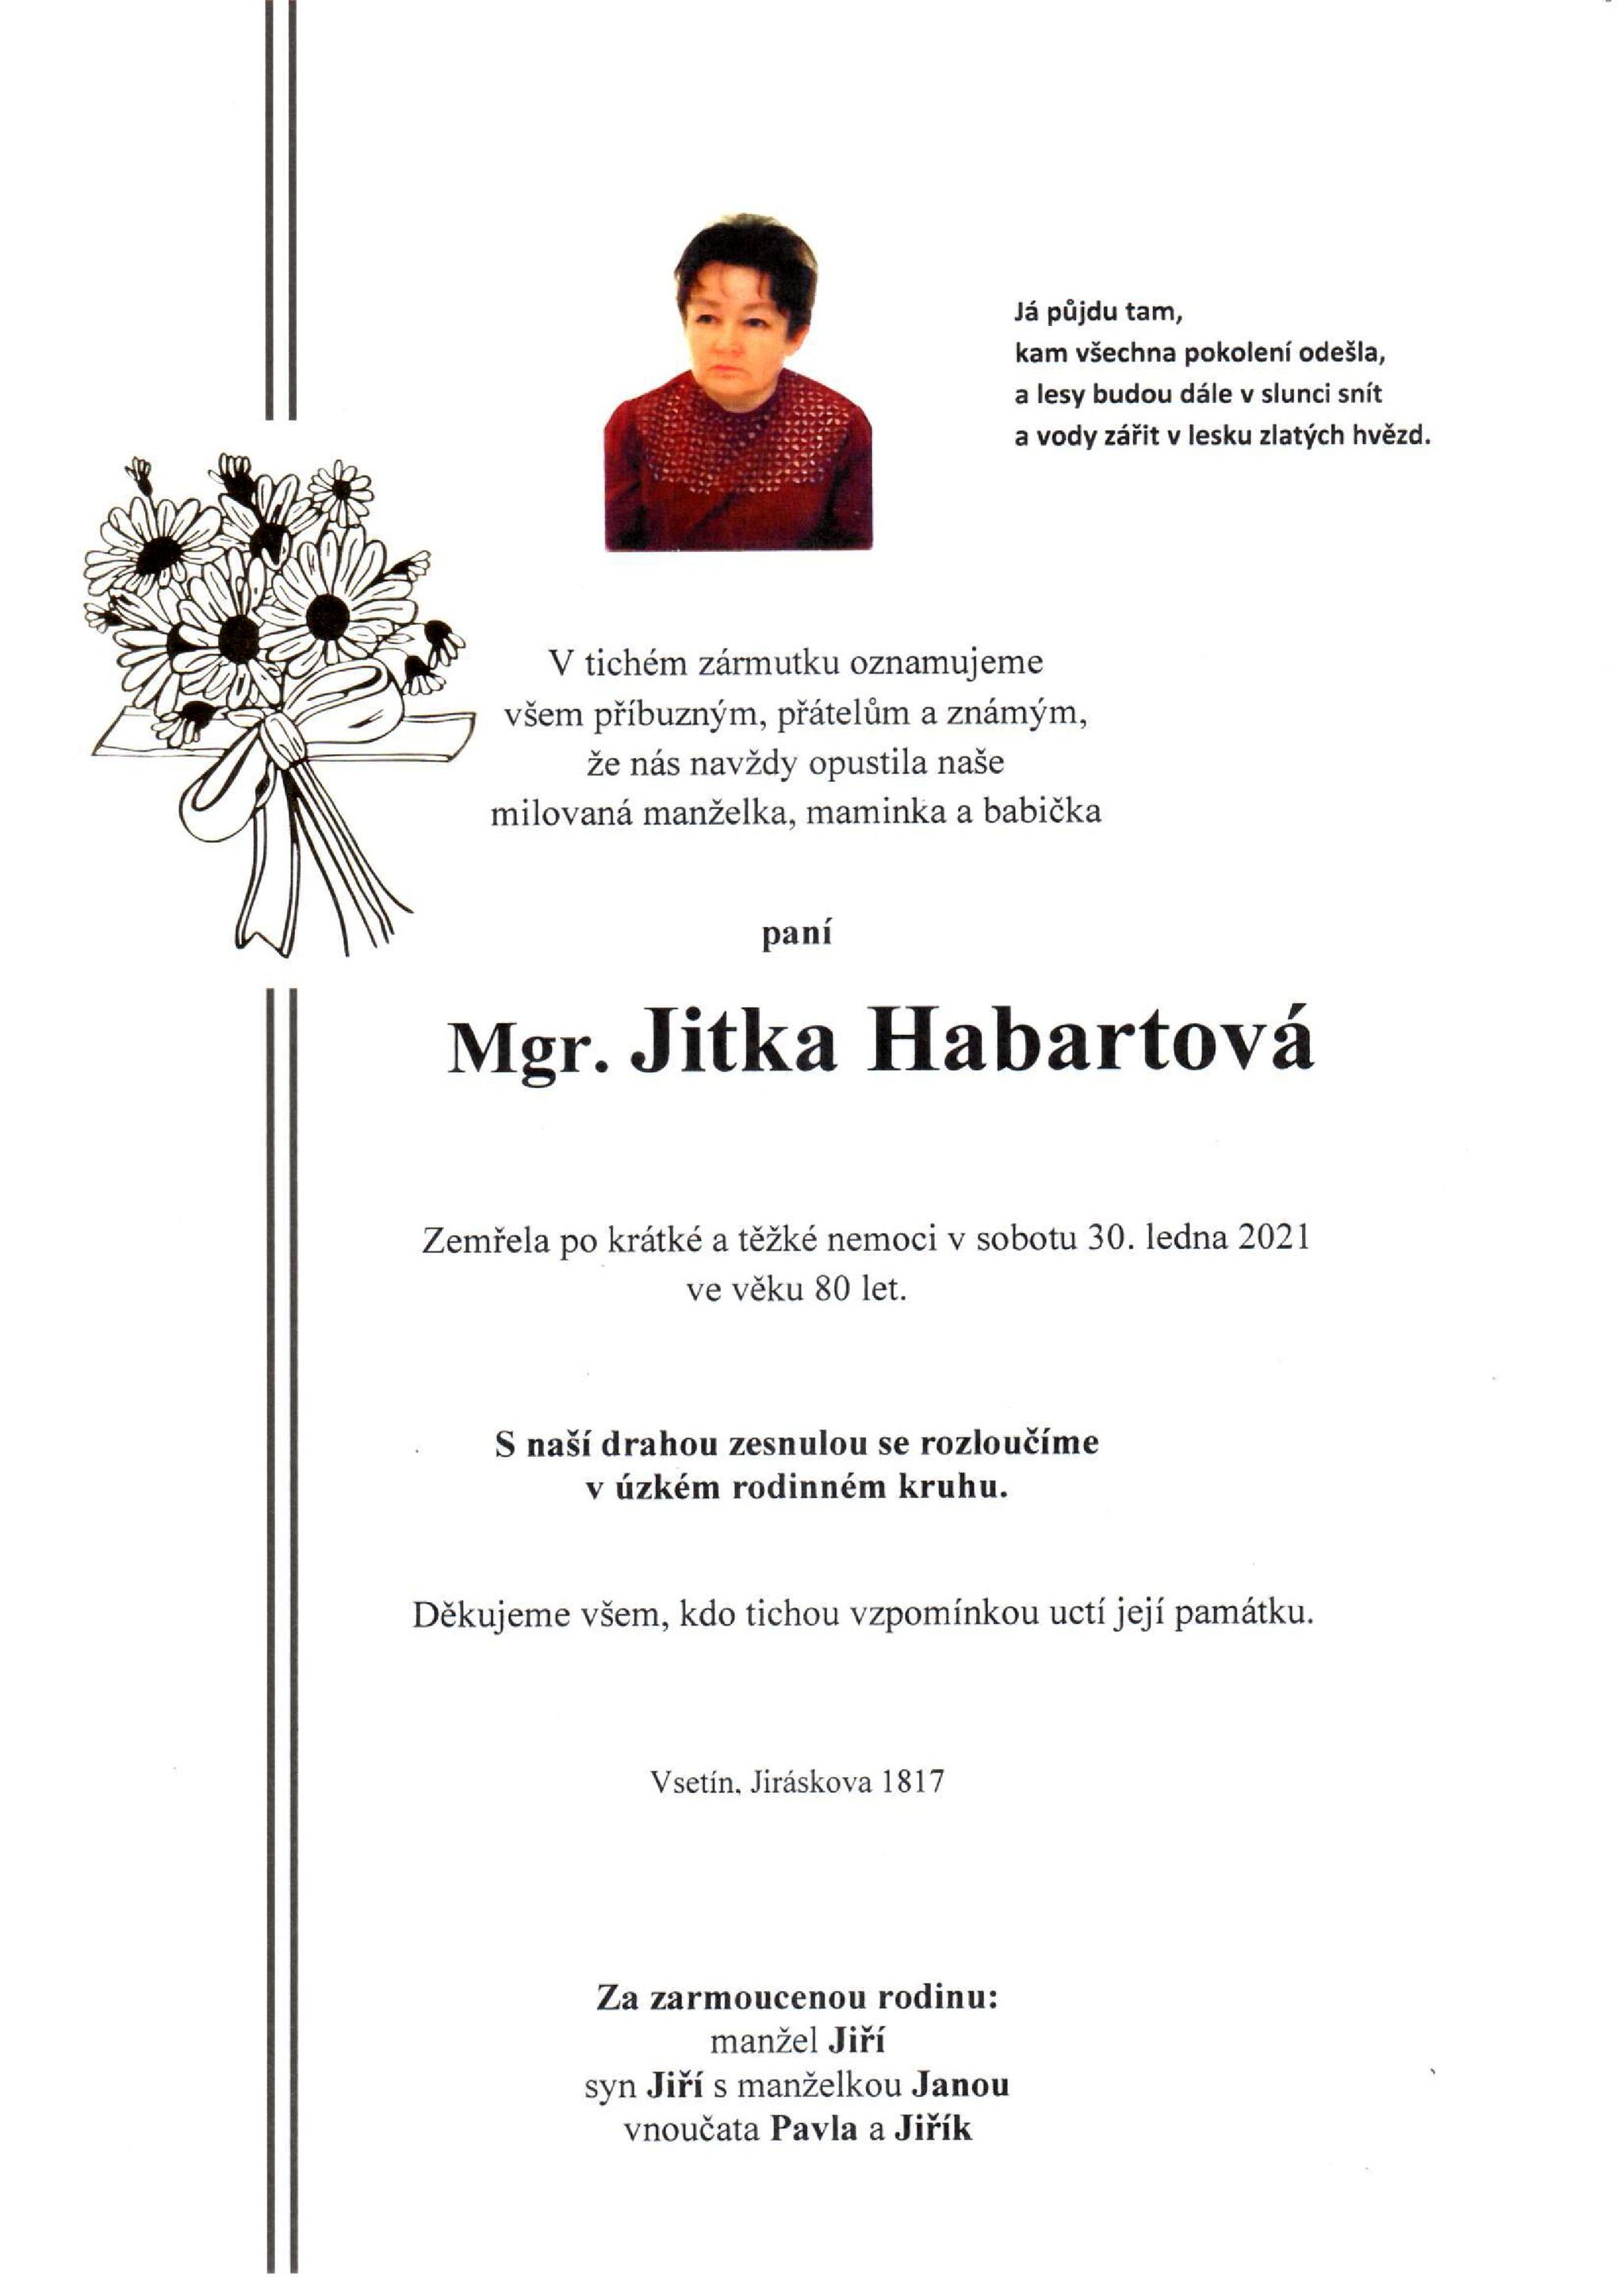 Mgr. Jitka Habartová